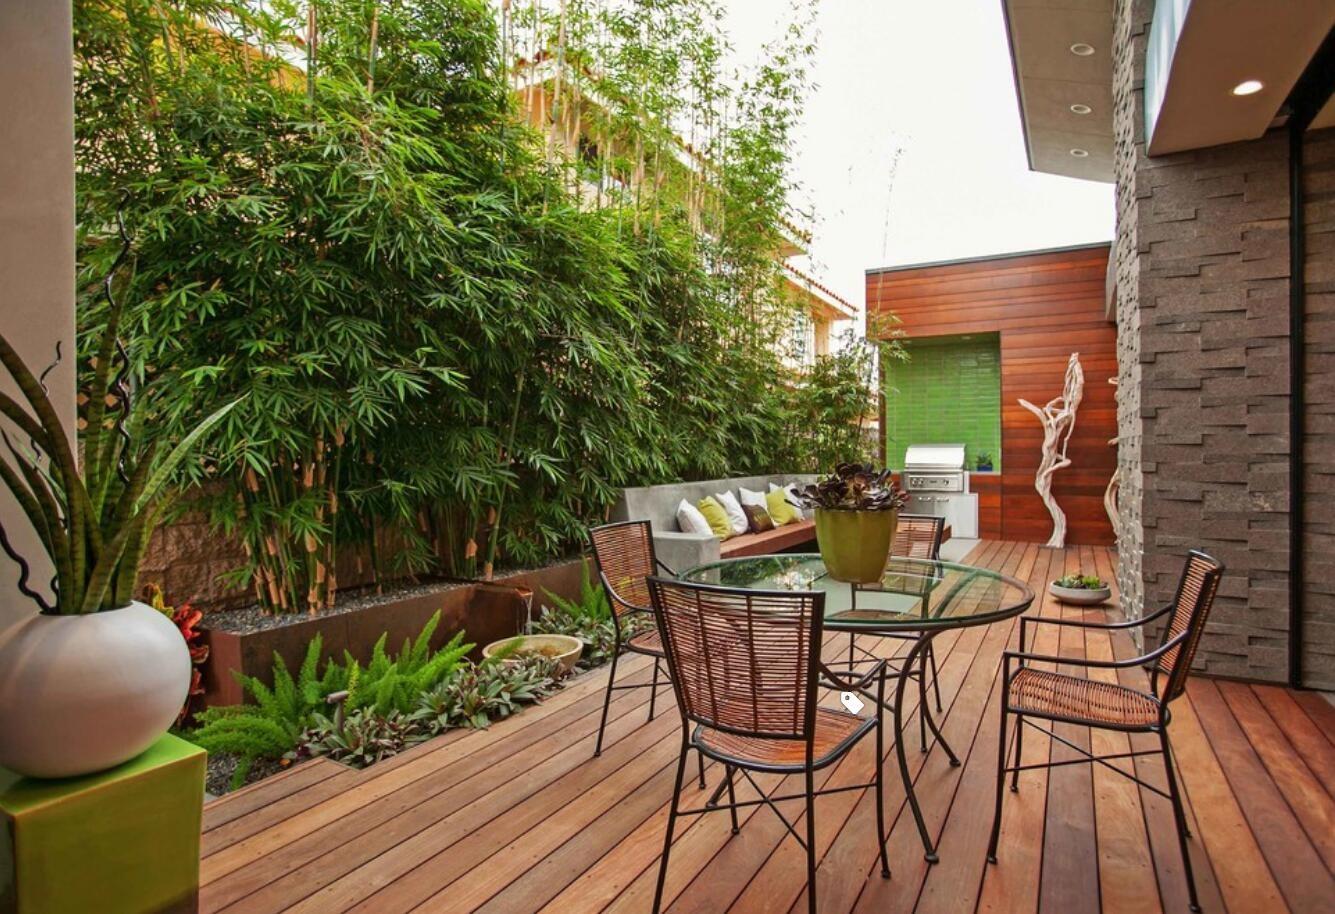 西安庭院设计:庭院中栽上几颗竹子,打造气质庭院,即是诗也是远方!